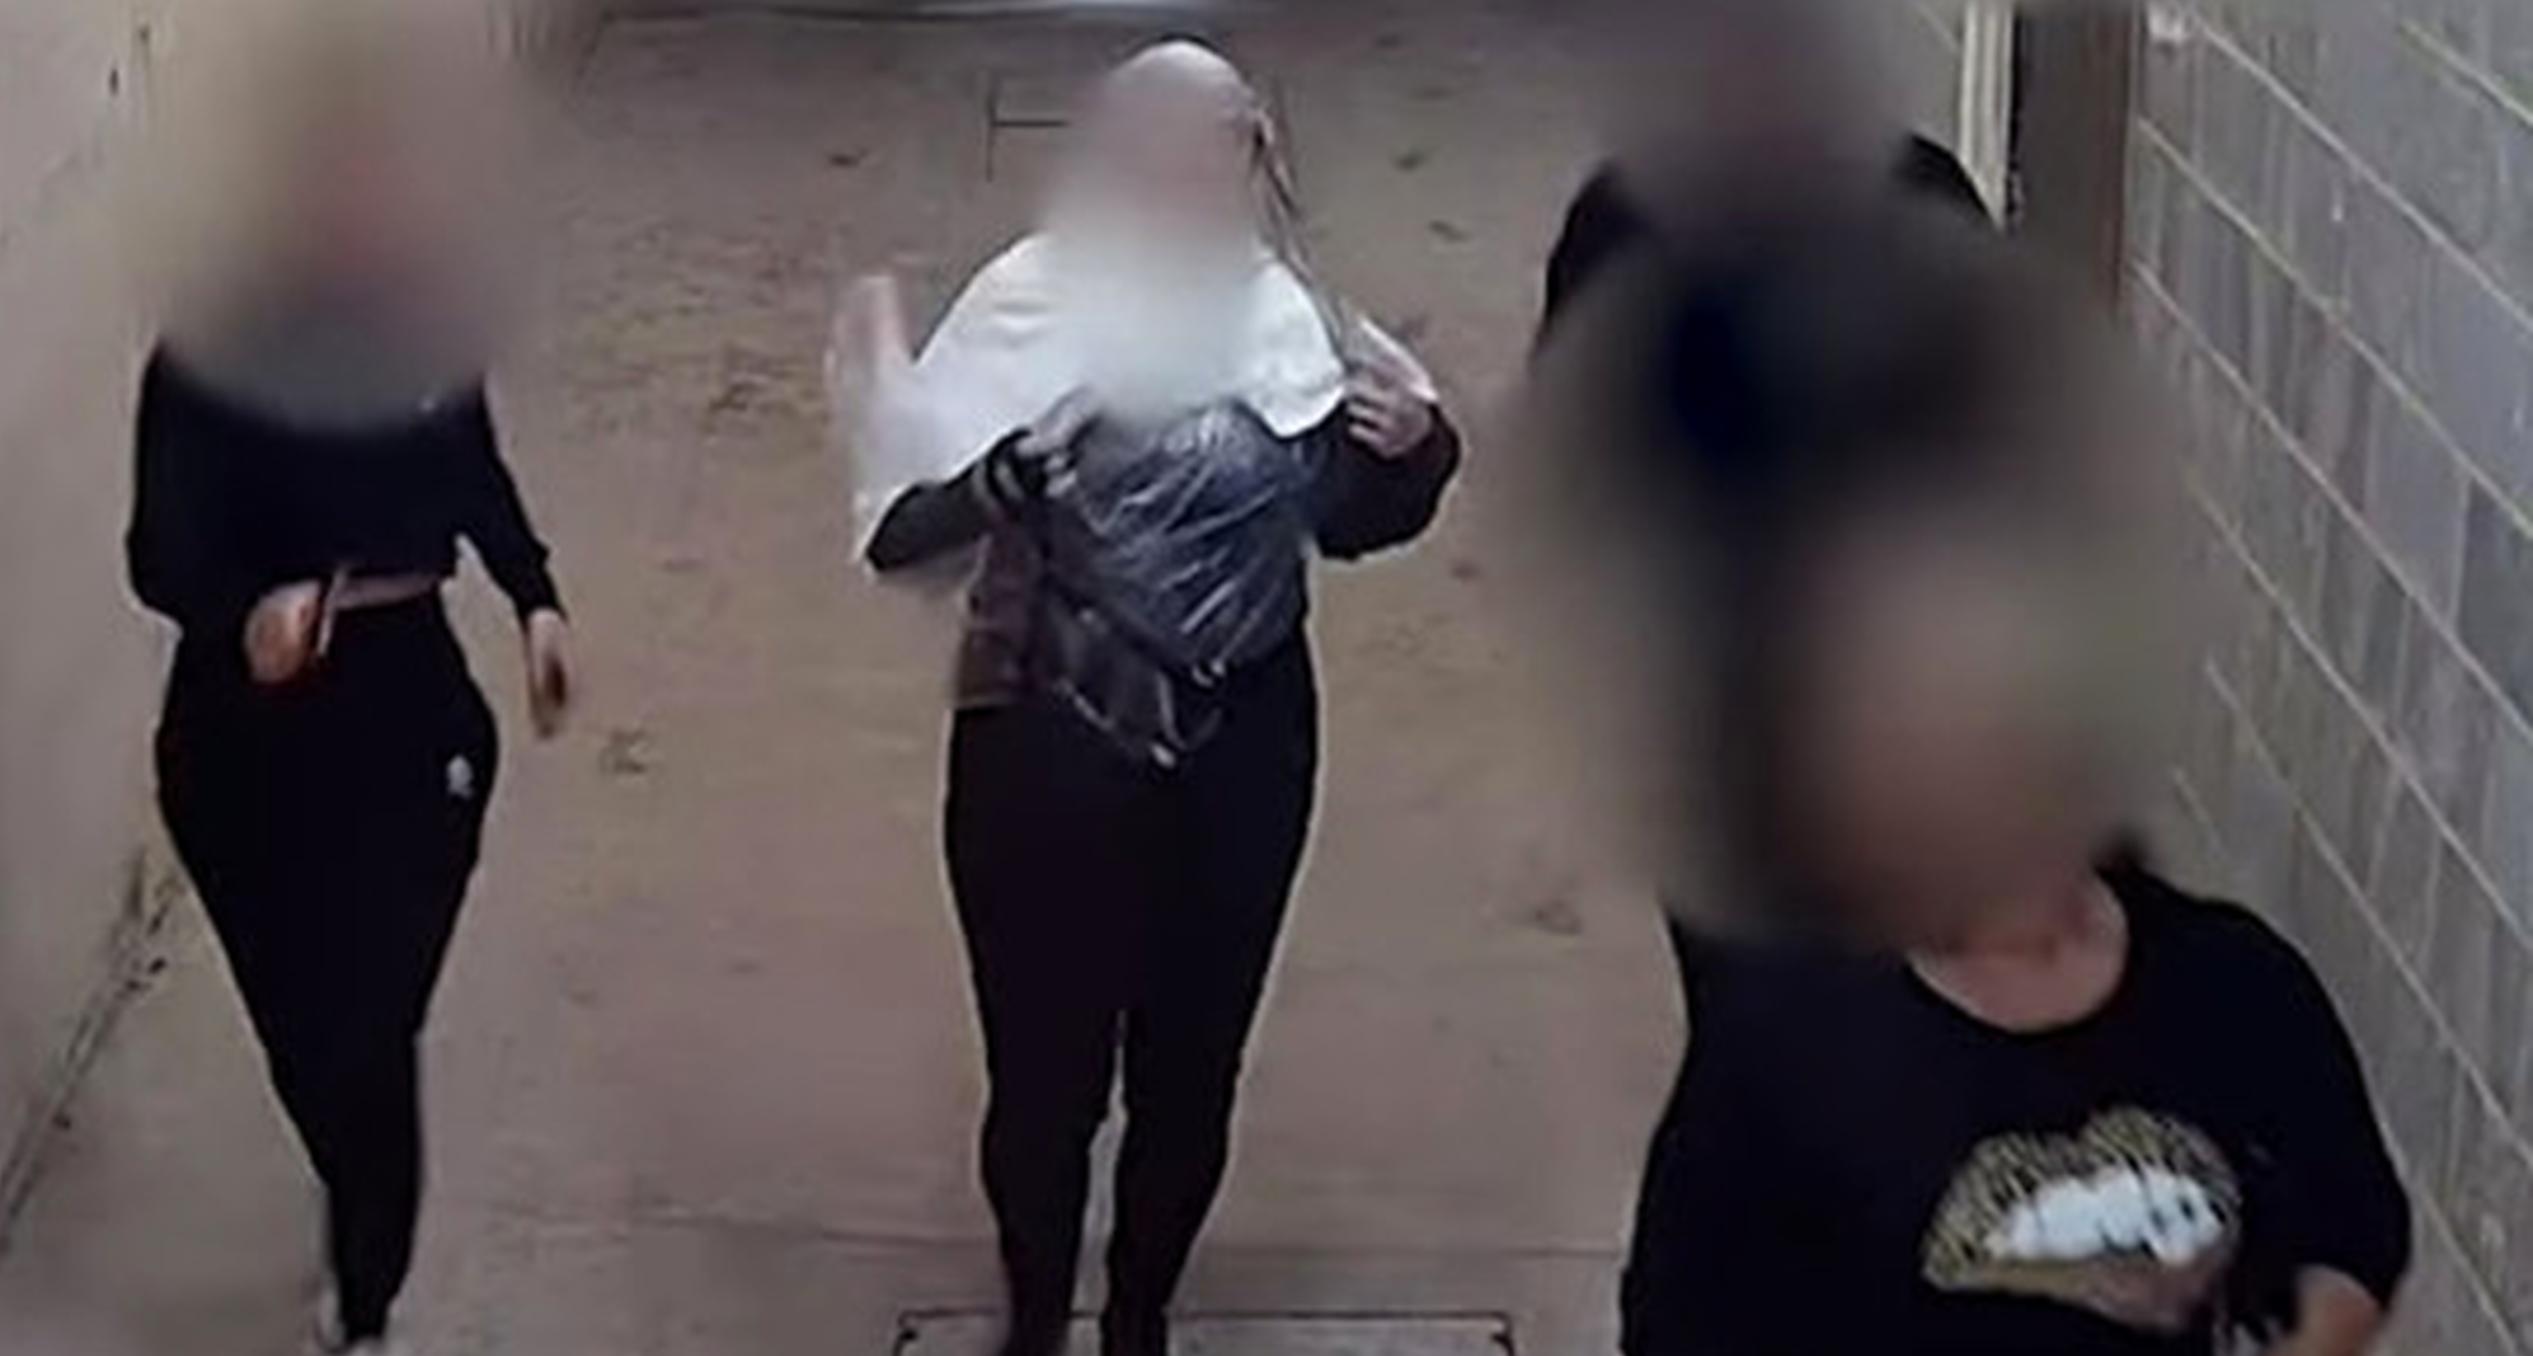 VIDEO  Clienții unui salon de înfrumusețare fug cu vopseaua în păr la sosirea poliției. Dreptul de funcționare era suspendat, din cauza restricțiilor